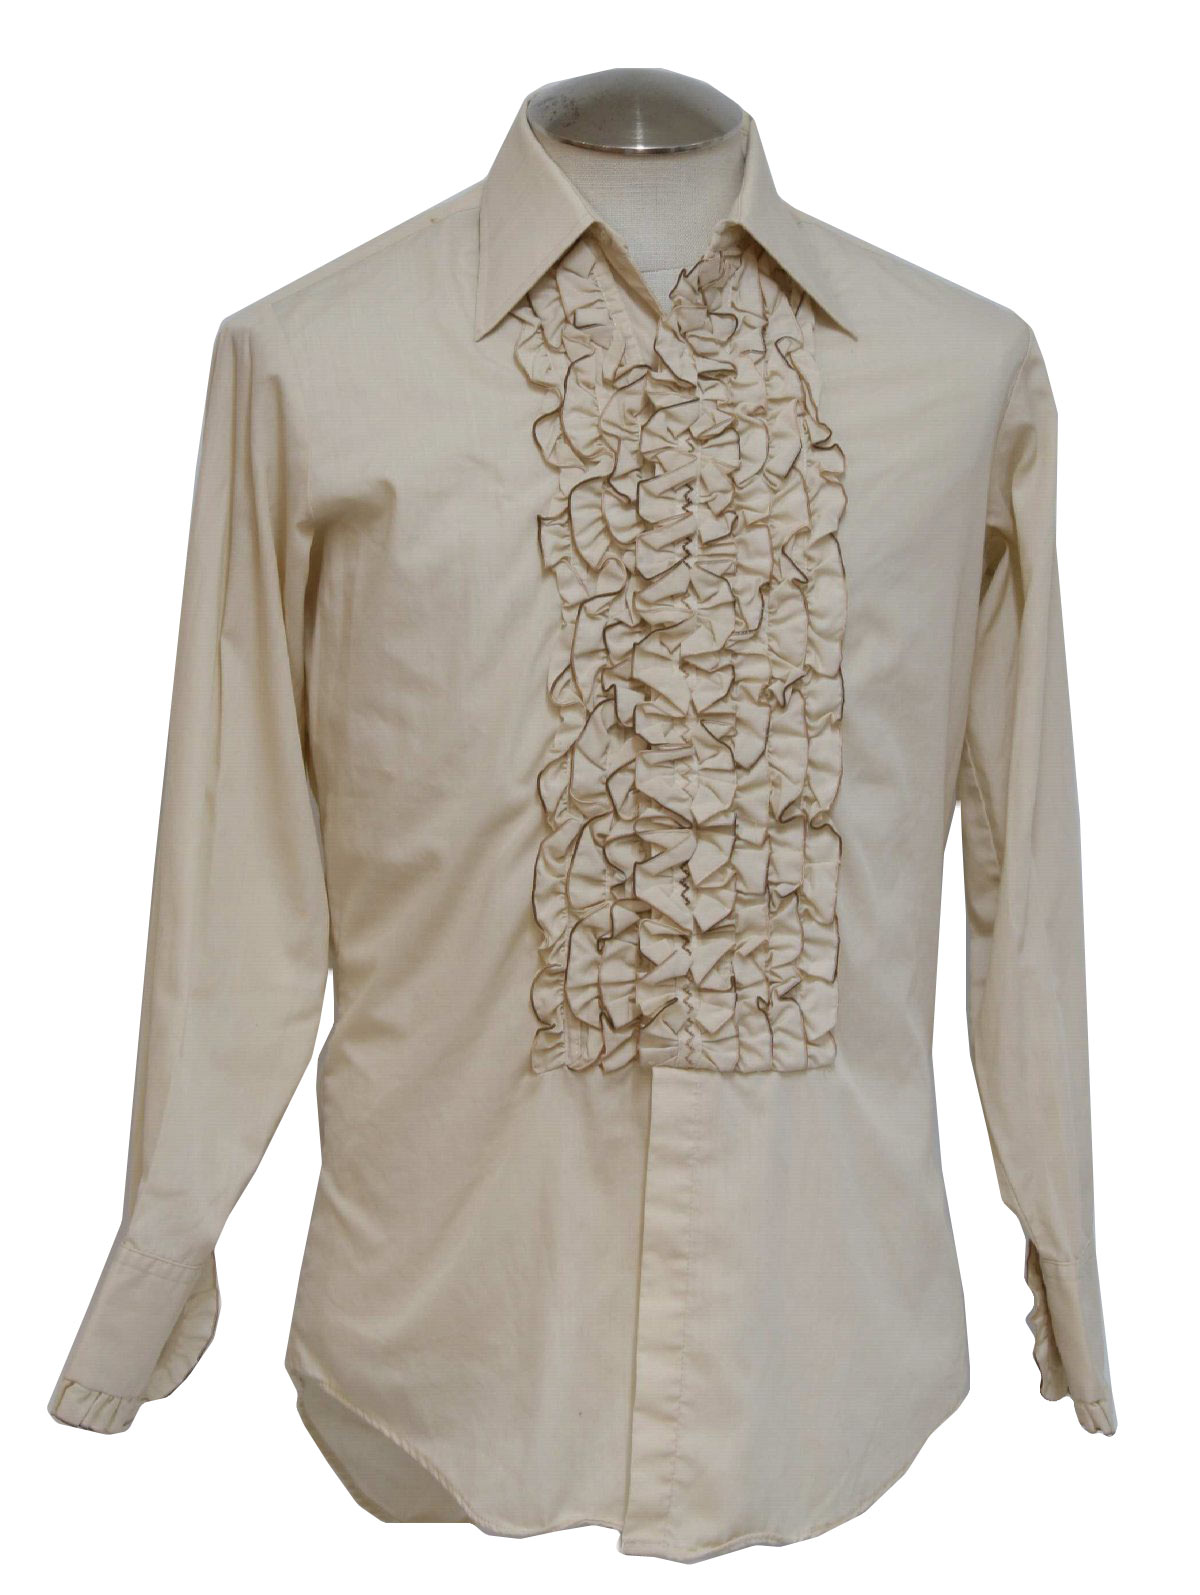 70s Vintage Palm Beach Formals Shirt 70s Palm Beach